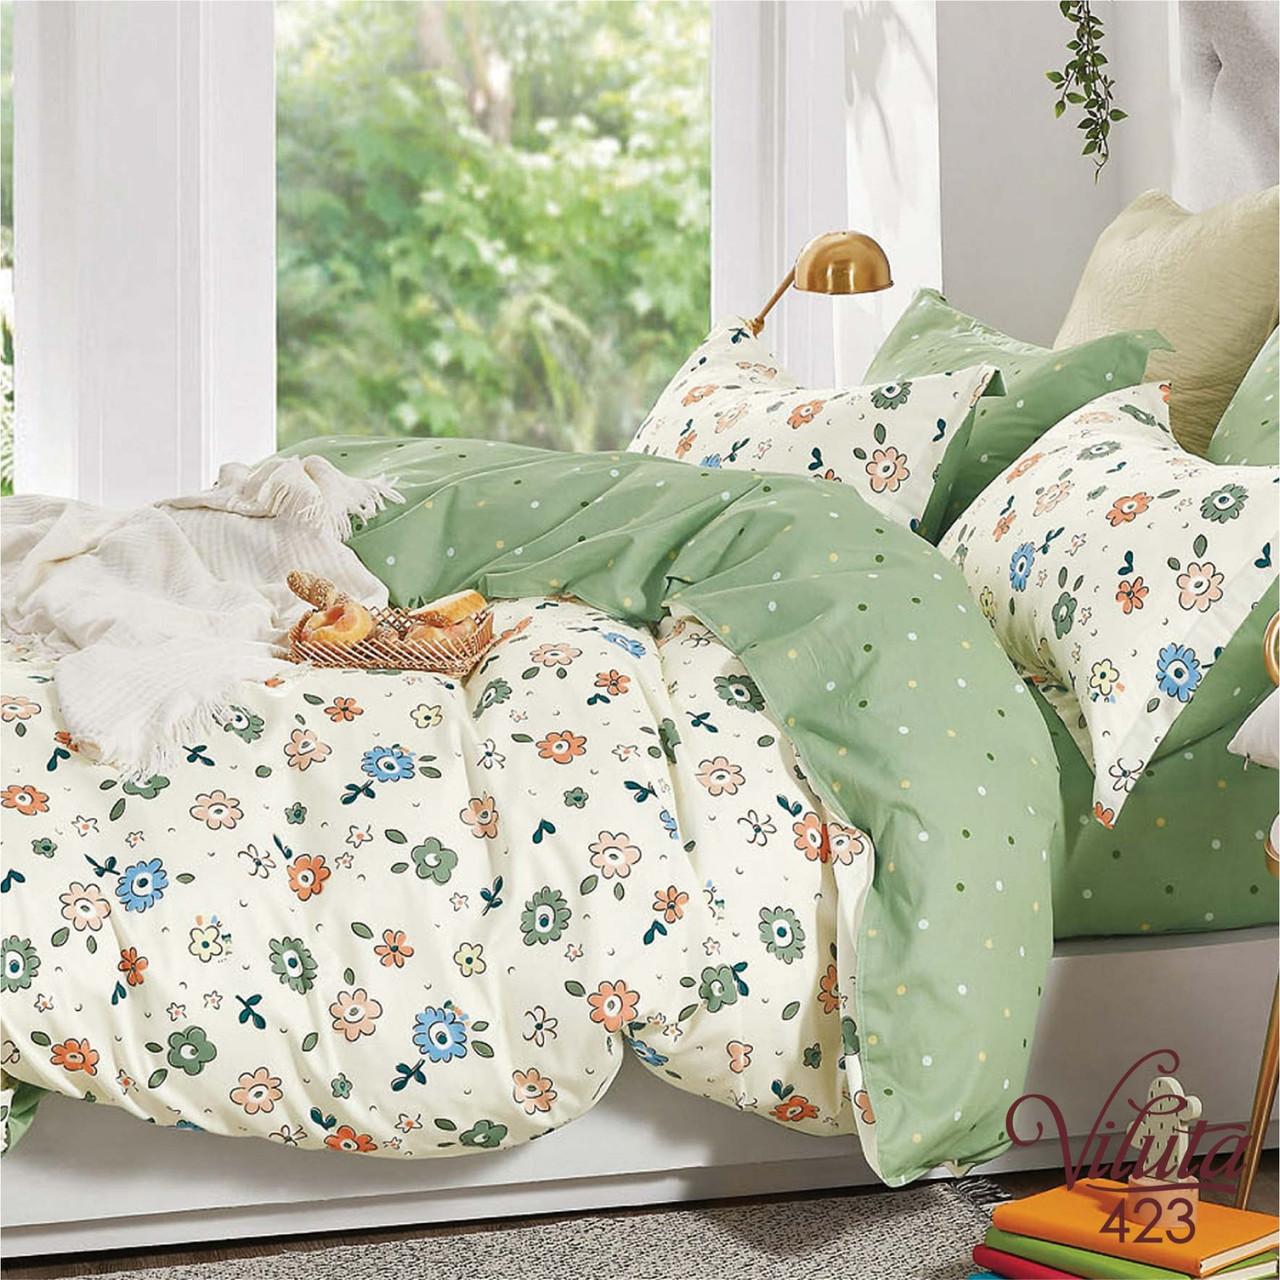 Комплект постельного белья сатин 423 Viluta Евро